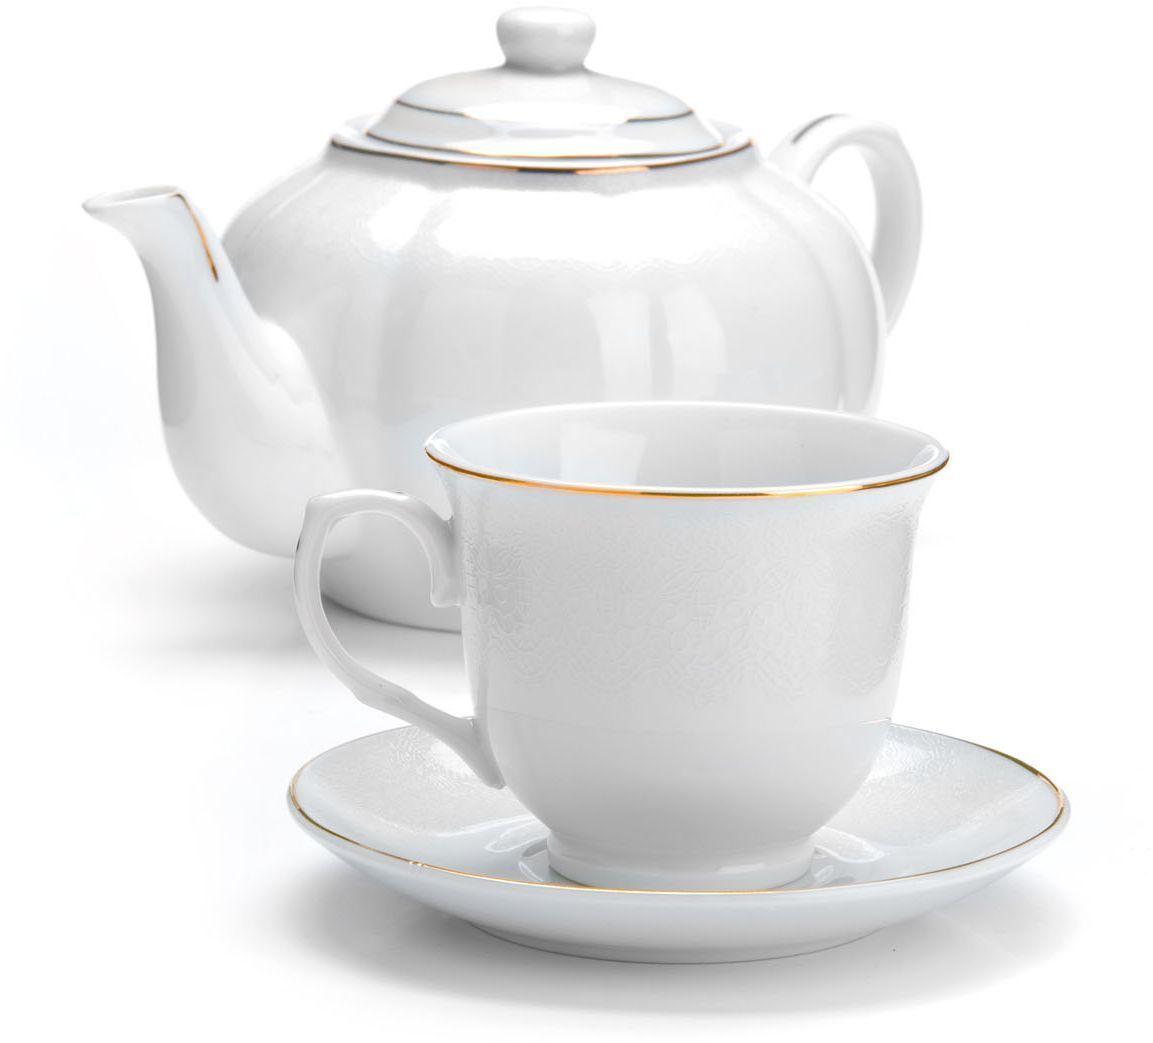 Чайный сервиз Loraine, 13 предметов (220 мл + чайник 1 л). 26419115510Чайный набор Loraine на 6 персон, изготовленный из высококачественной керамики изысканного белого цвета, состоит из 6 чашек, 6 блюдец и 1-го чайника. Изделия набора украшены тонкой золотой каймой и имеют красивый и нежный дизайн. Набор придется по вкусу и ценителям классики, и тем, кто предпочитает утонченность и изысканность. Он настроит на позитивный лад и подарит хорошее настроение с самого утра. Набор упакован в подарочную упаковку. Такой чайный набор станет прекрасным украшением стола, а процесс чаепития превратится в одно удовольствие! Это замечательный выбор для подарка родным и друзьям!